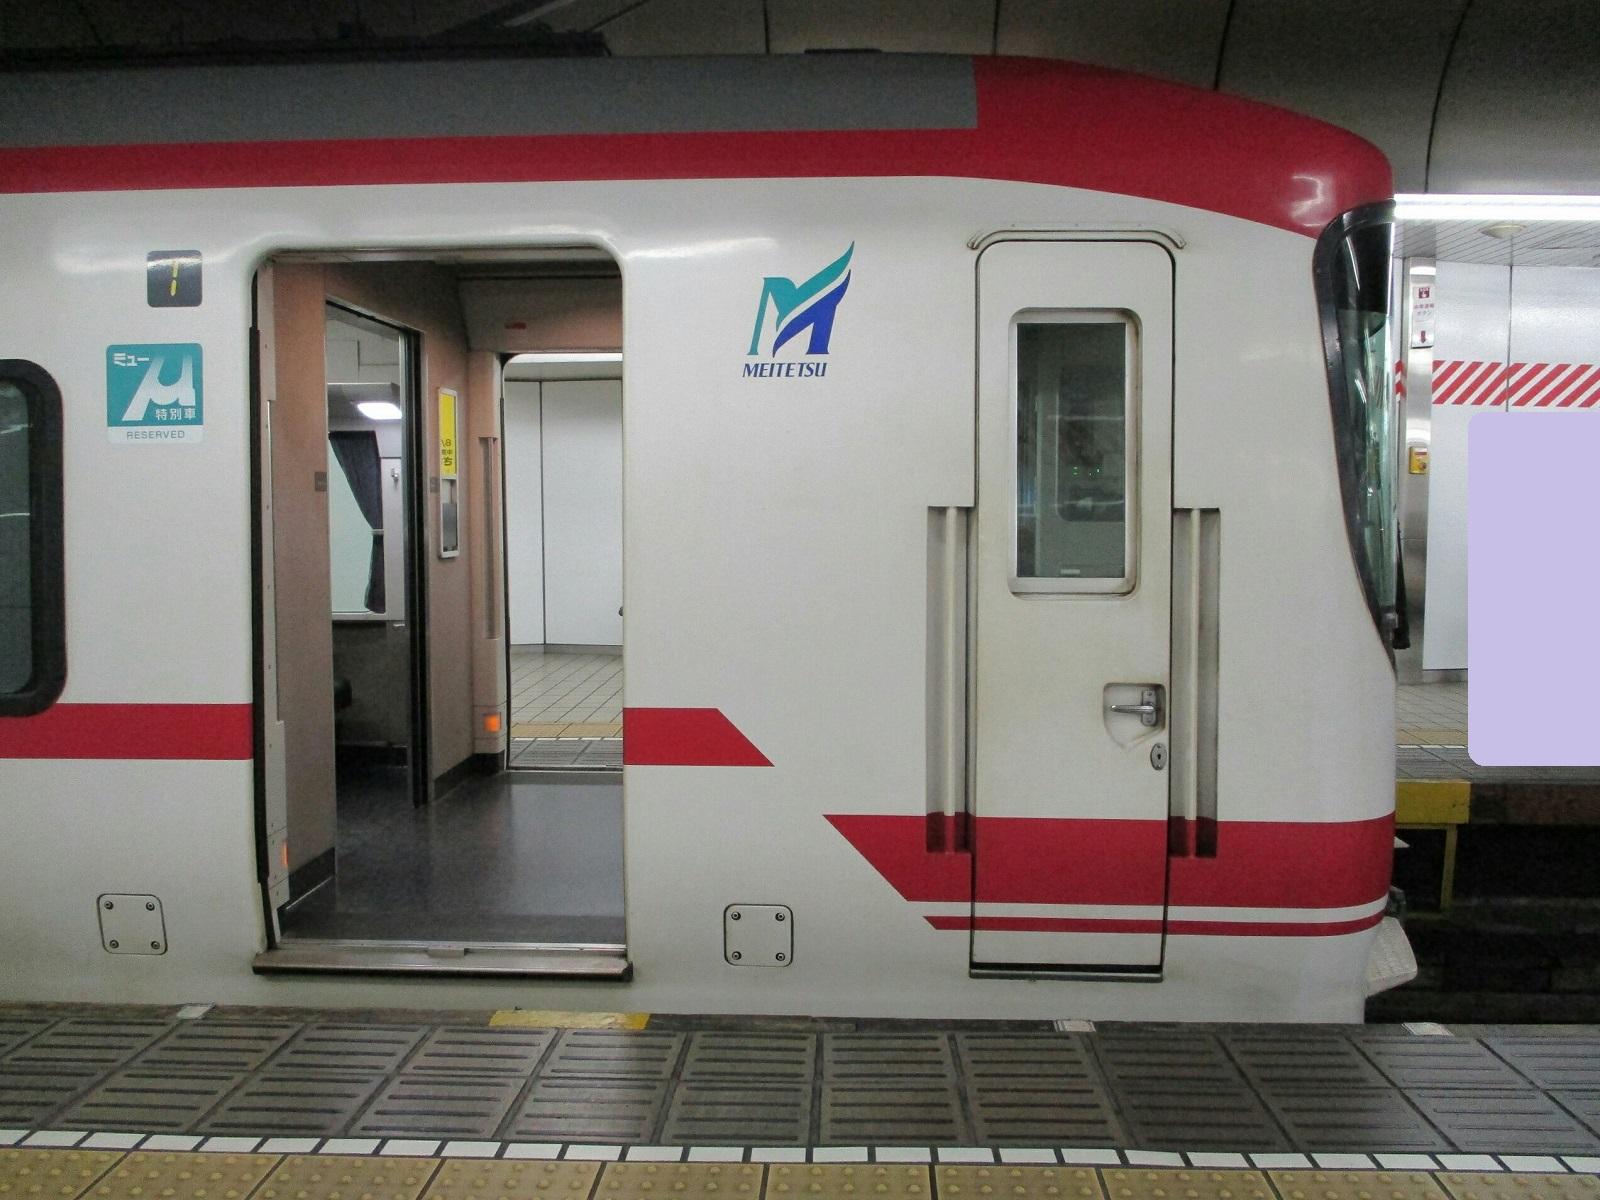 2018.8.25 (21) 名古屋 - セントレアいき特急 1600-1200